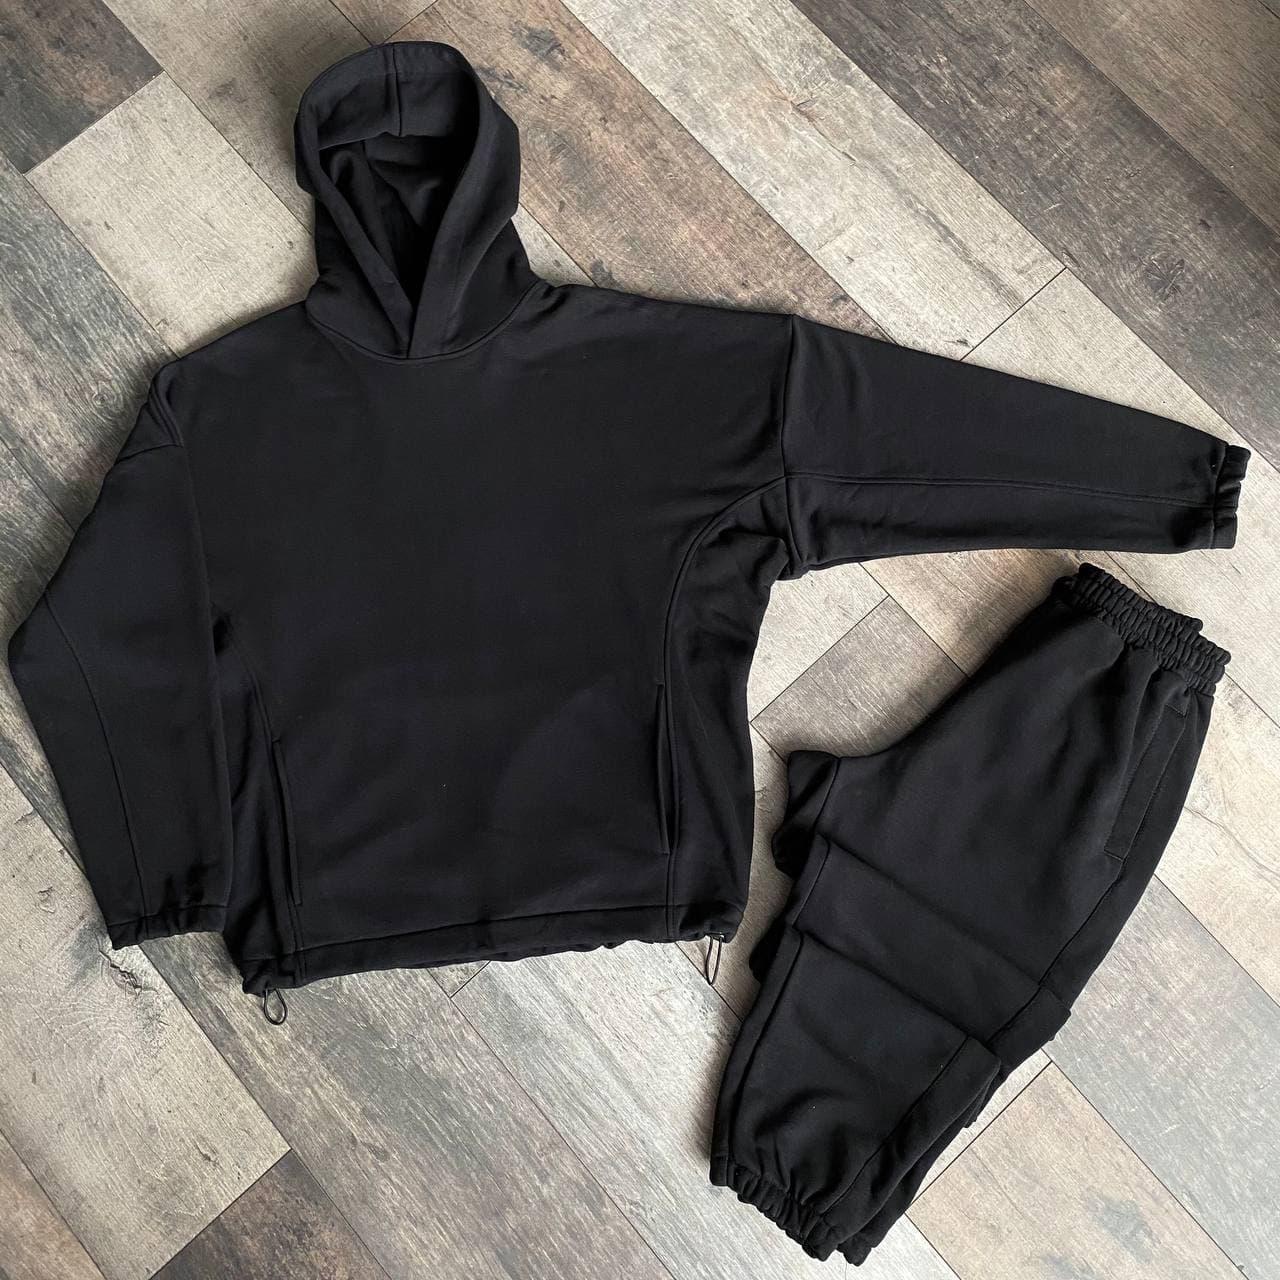 Спортивный костюм мужской черный сезон весна осень Оверсайз (oversize) от бренда Тур